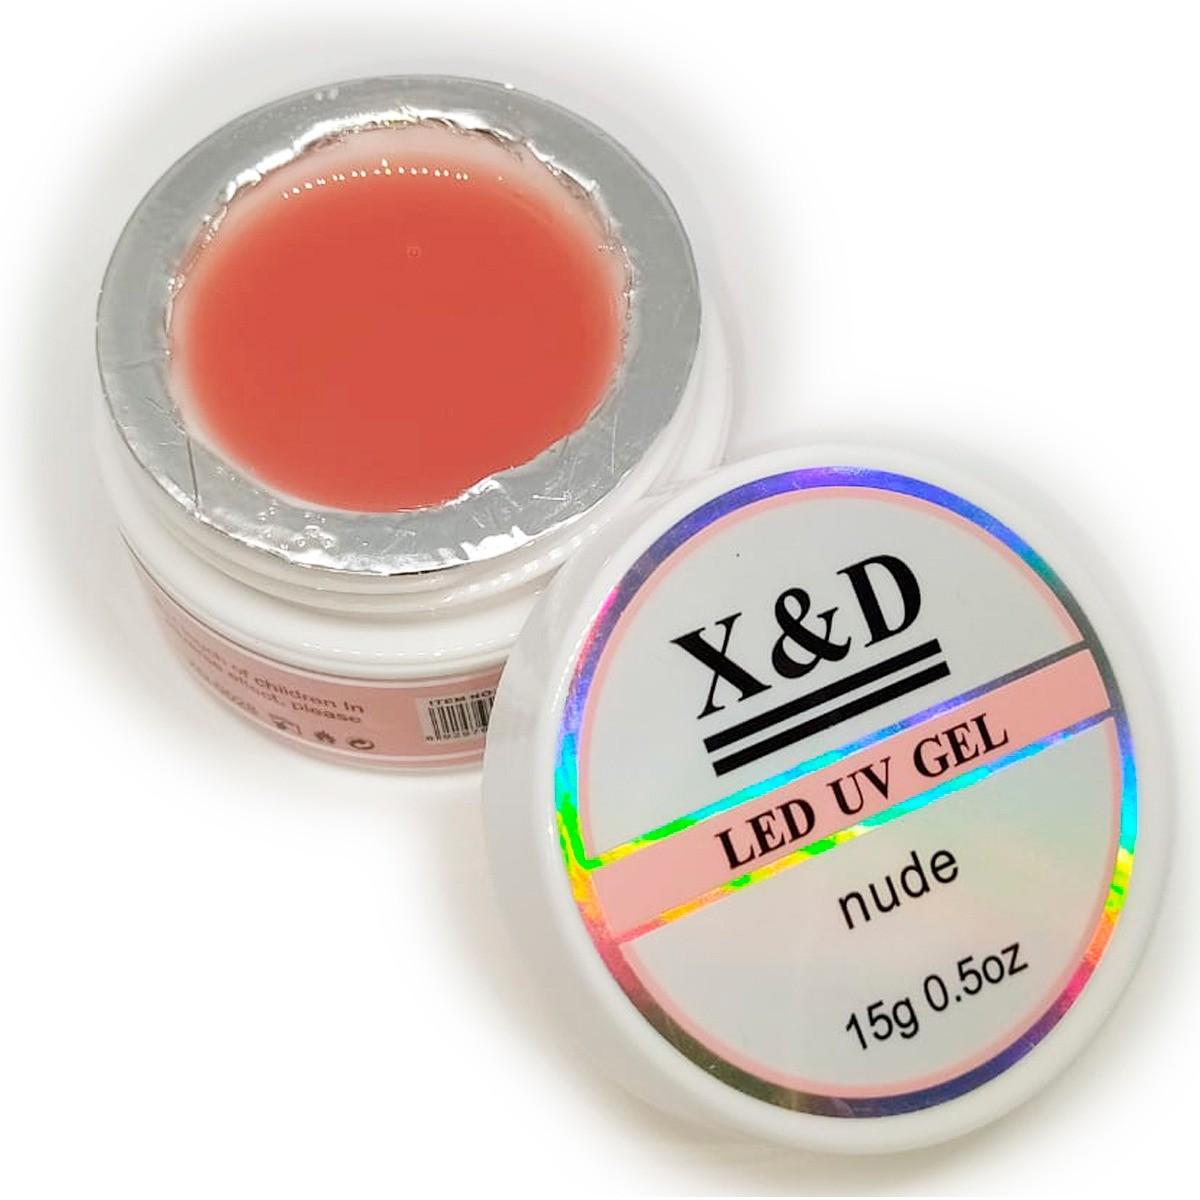 Gel Nude Led Uv X&D 15gr X & D Para Unhas Gel e Acrigel X E D